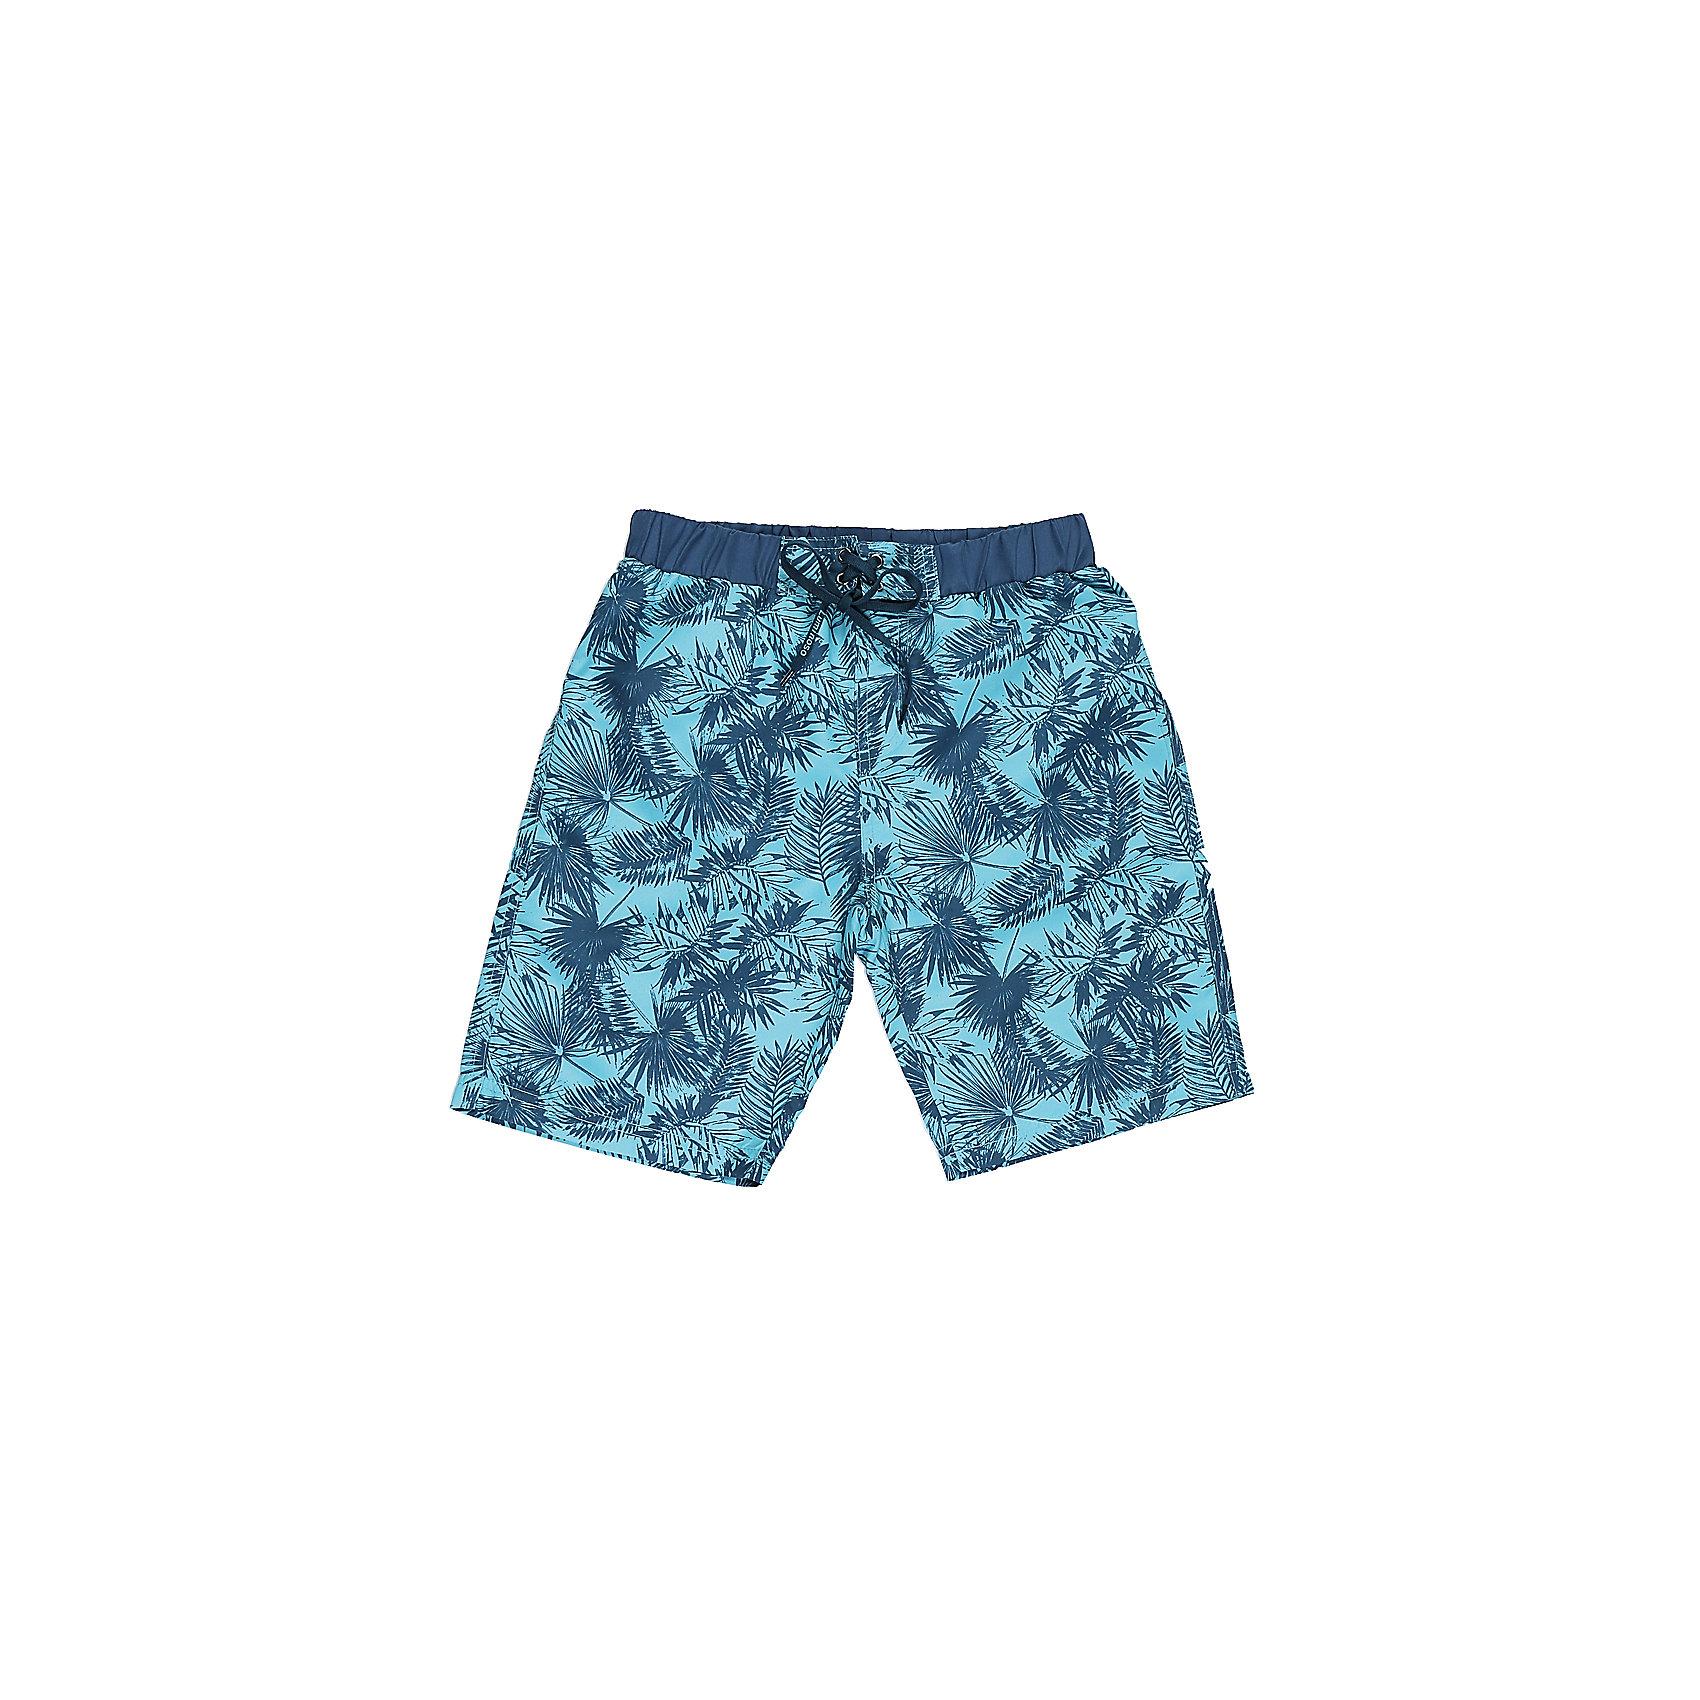 Шорты пляжные для мальчика LuminosoШорты, бриджи, капри<br>Купальные шорты для мальчика с ярким принтом выполнены из легкого быстросохнущего материала. Пояс-резинка дополнен шнуром для регулирования объема.<br>Состав:<br>100% полиэстер<br><br>Ширина мм: 191<br>Глубина мм: 10<br>Высота мм: 175<br>Вес г: 273<br>Цвет: разноцветный<br>Возраст от месяцев: 96<br>Возраст до месяцев: 108<br>Пол: Мужской<br>Возраст: Детский<br>Размер: 134,140,146,152,158,164<br>SKU: 5409555